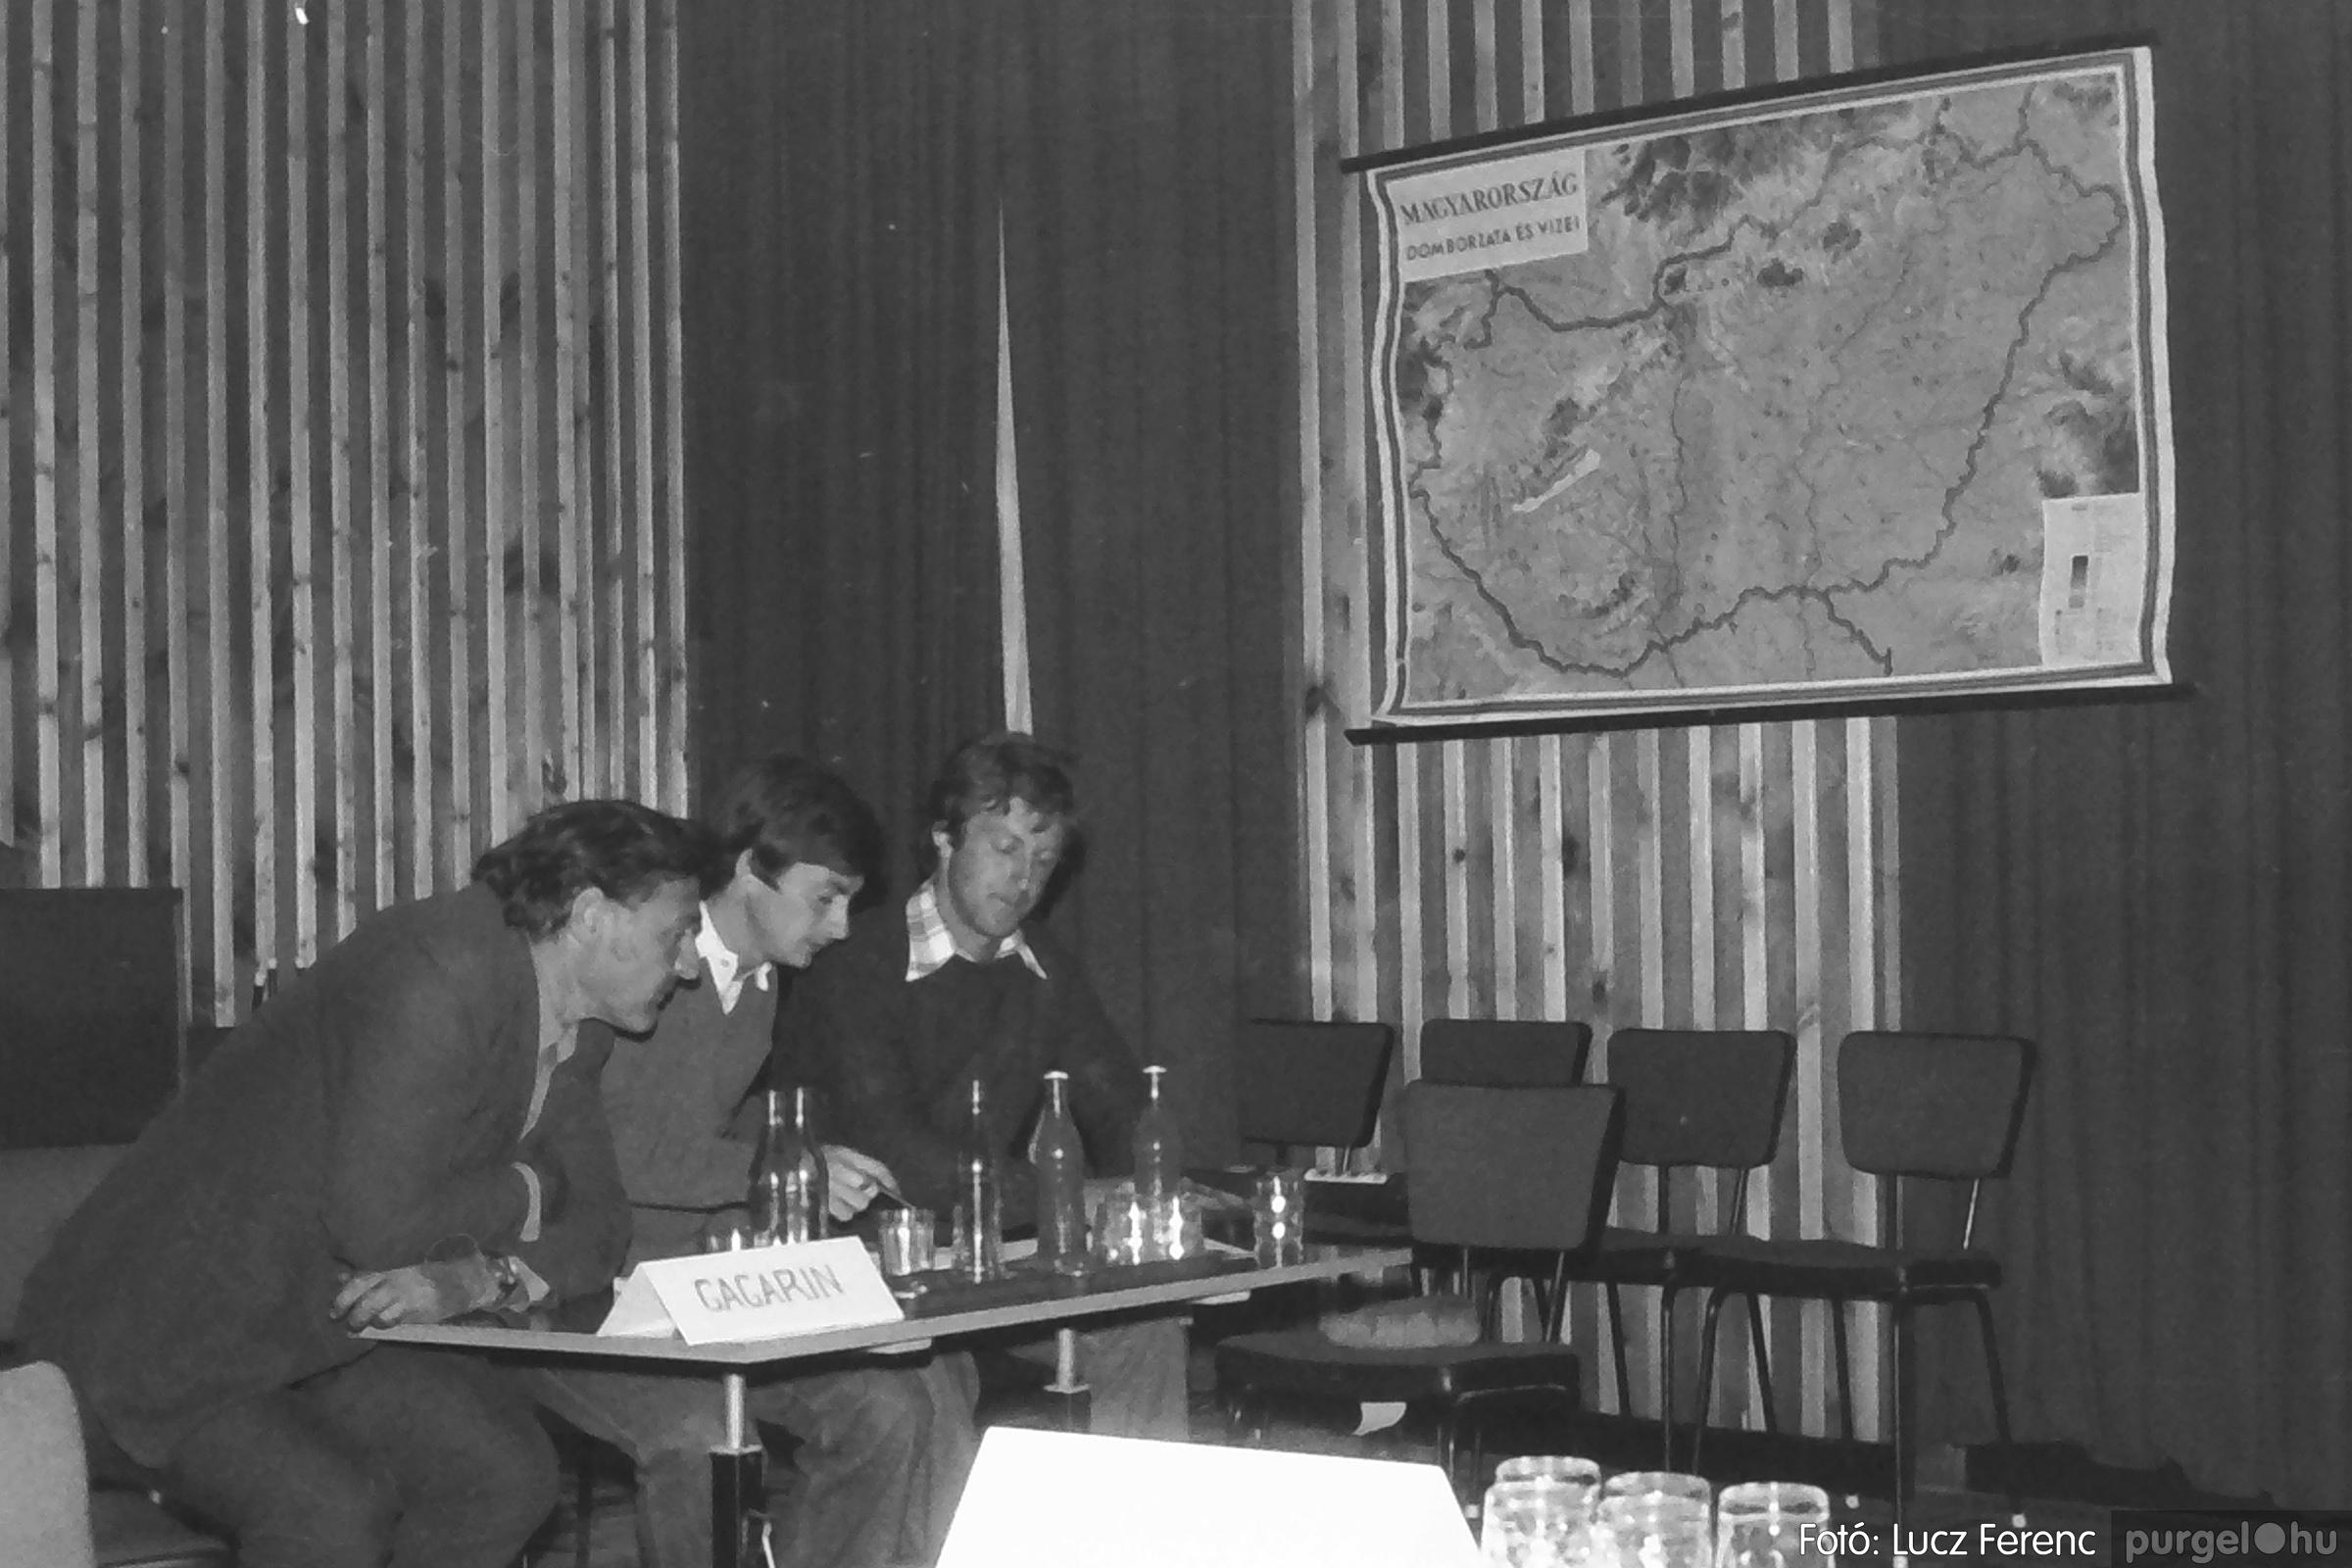 090. 1977. Puskin TSZ szocialista brigád vetélkedője 009. - Fotó: Lucz Ferenc.jpg